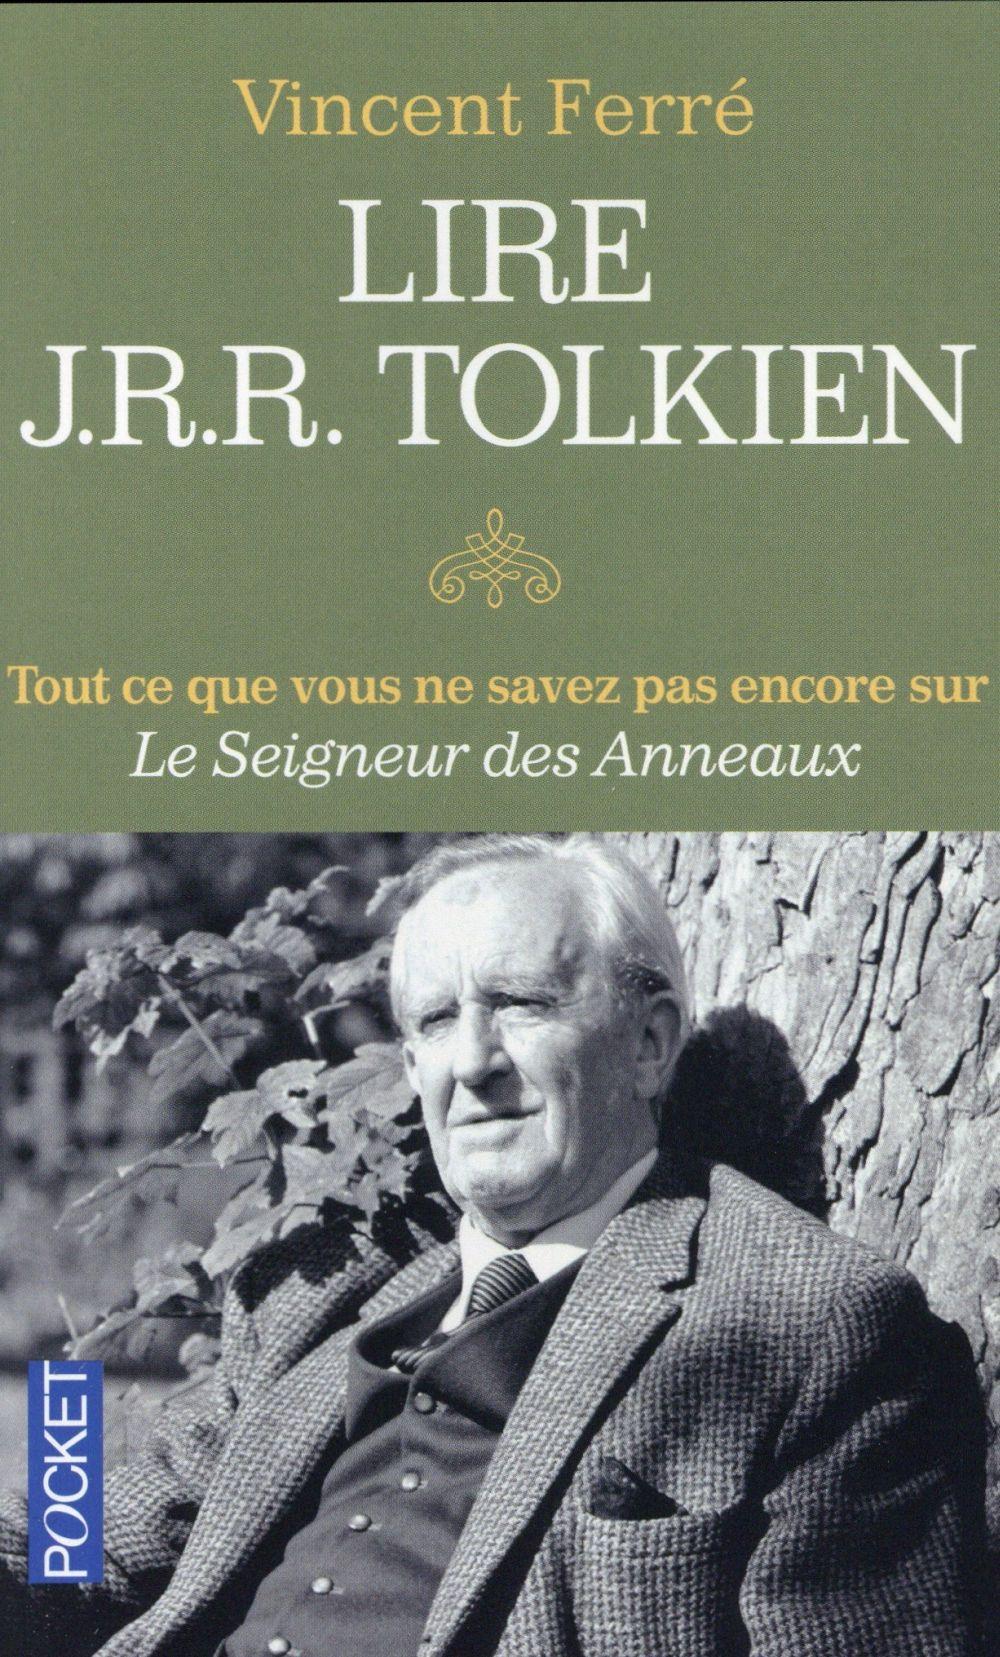 Lire J.R.R. Tolkien